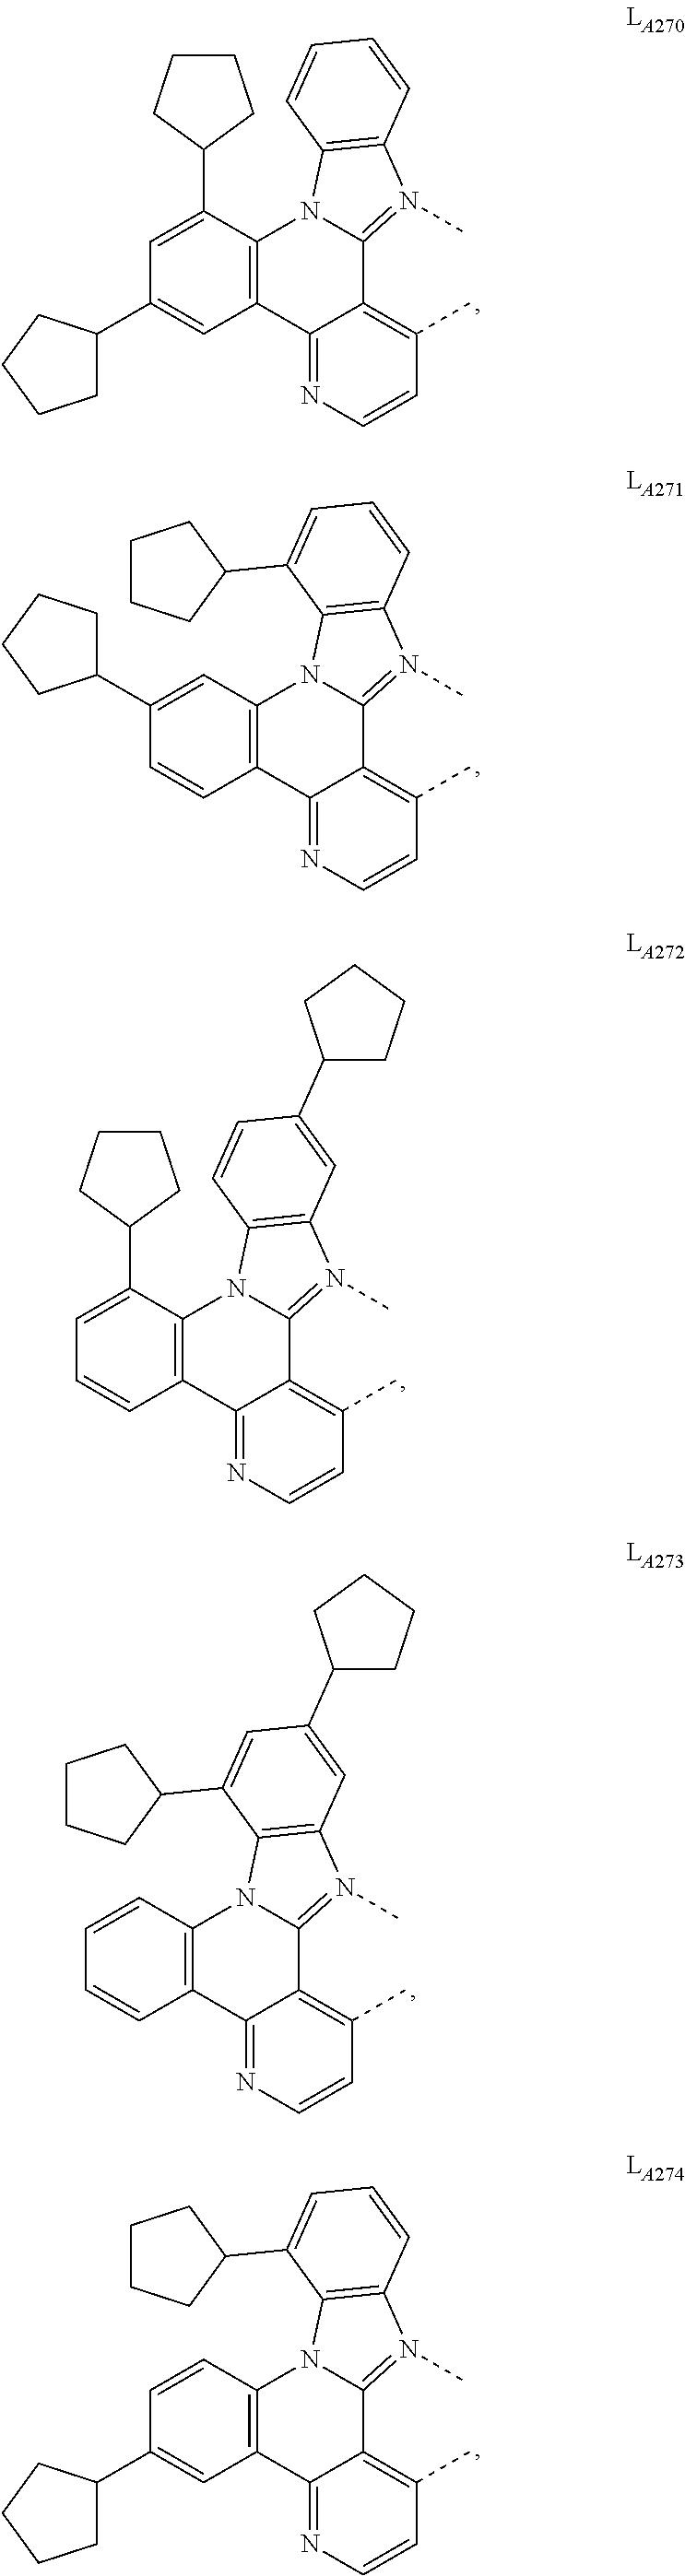 Figure US09905785-20180227-C00088